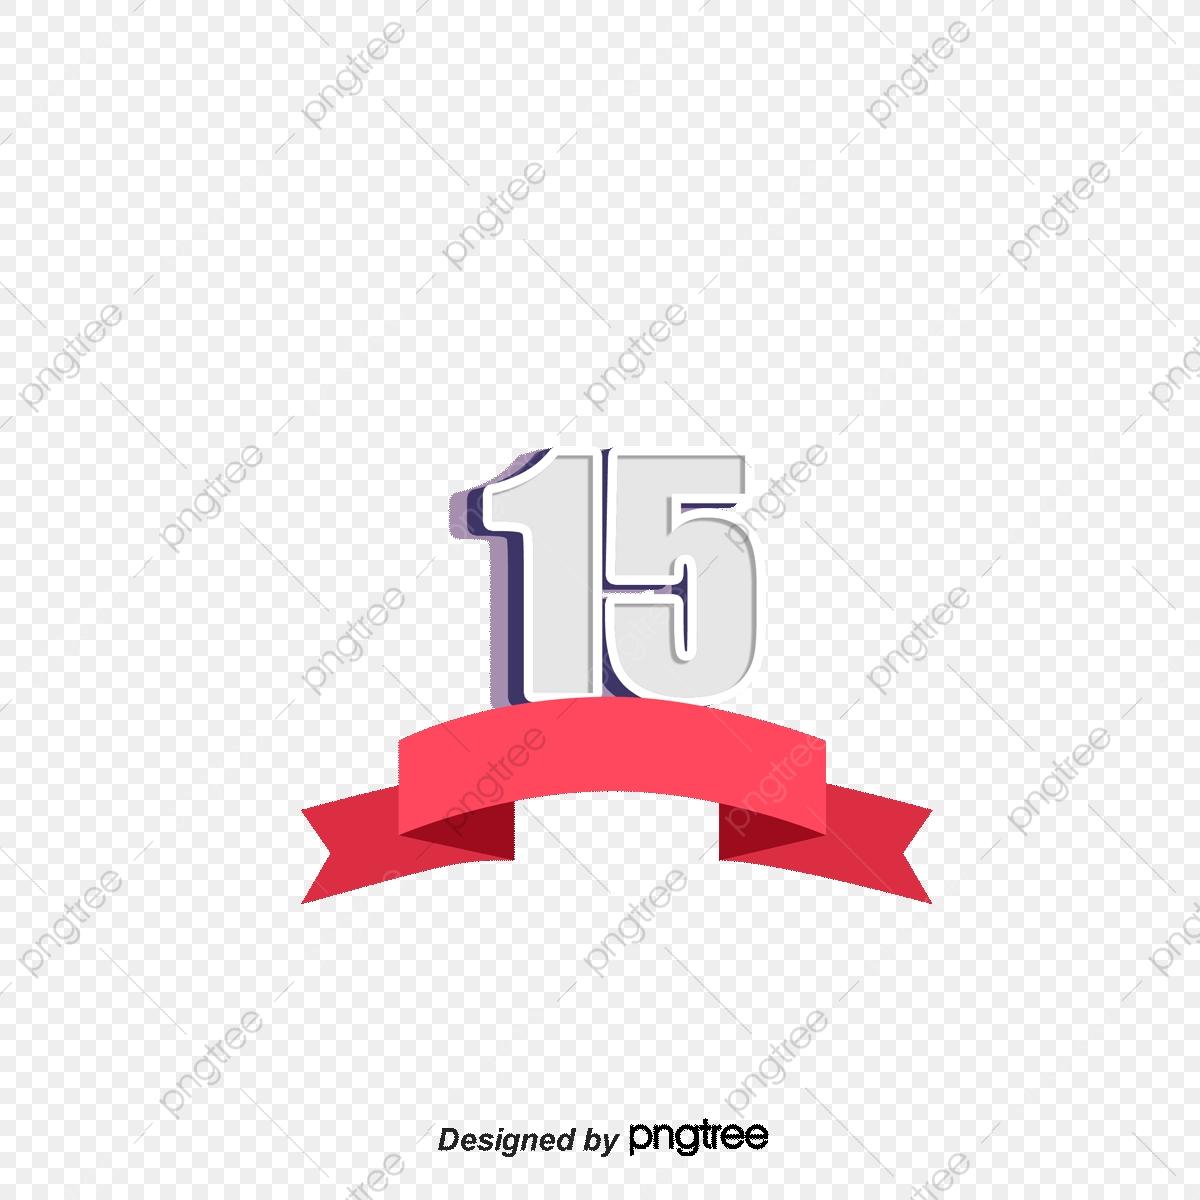 Aniversário De 15 Anos, Aniversário De 15 Anos, 3d Palavra, Festival.